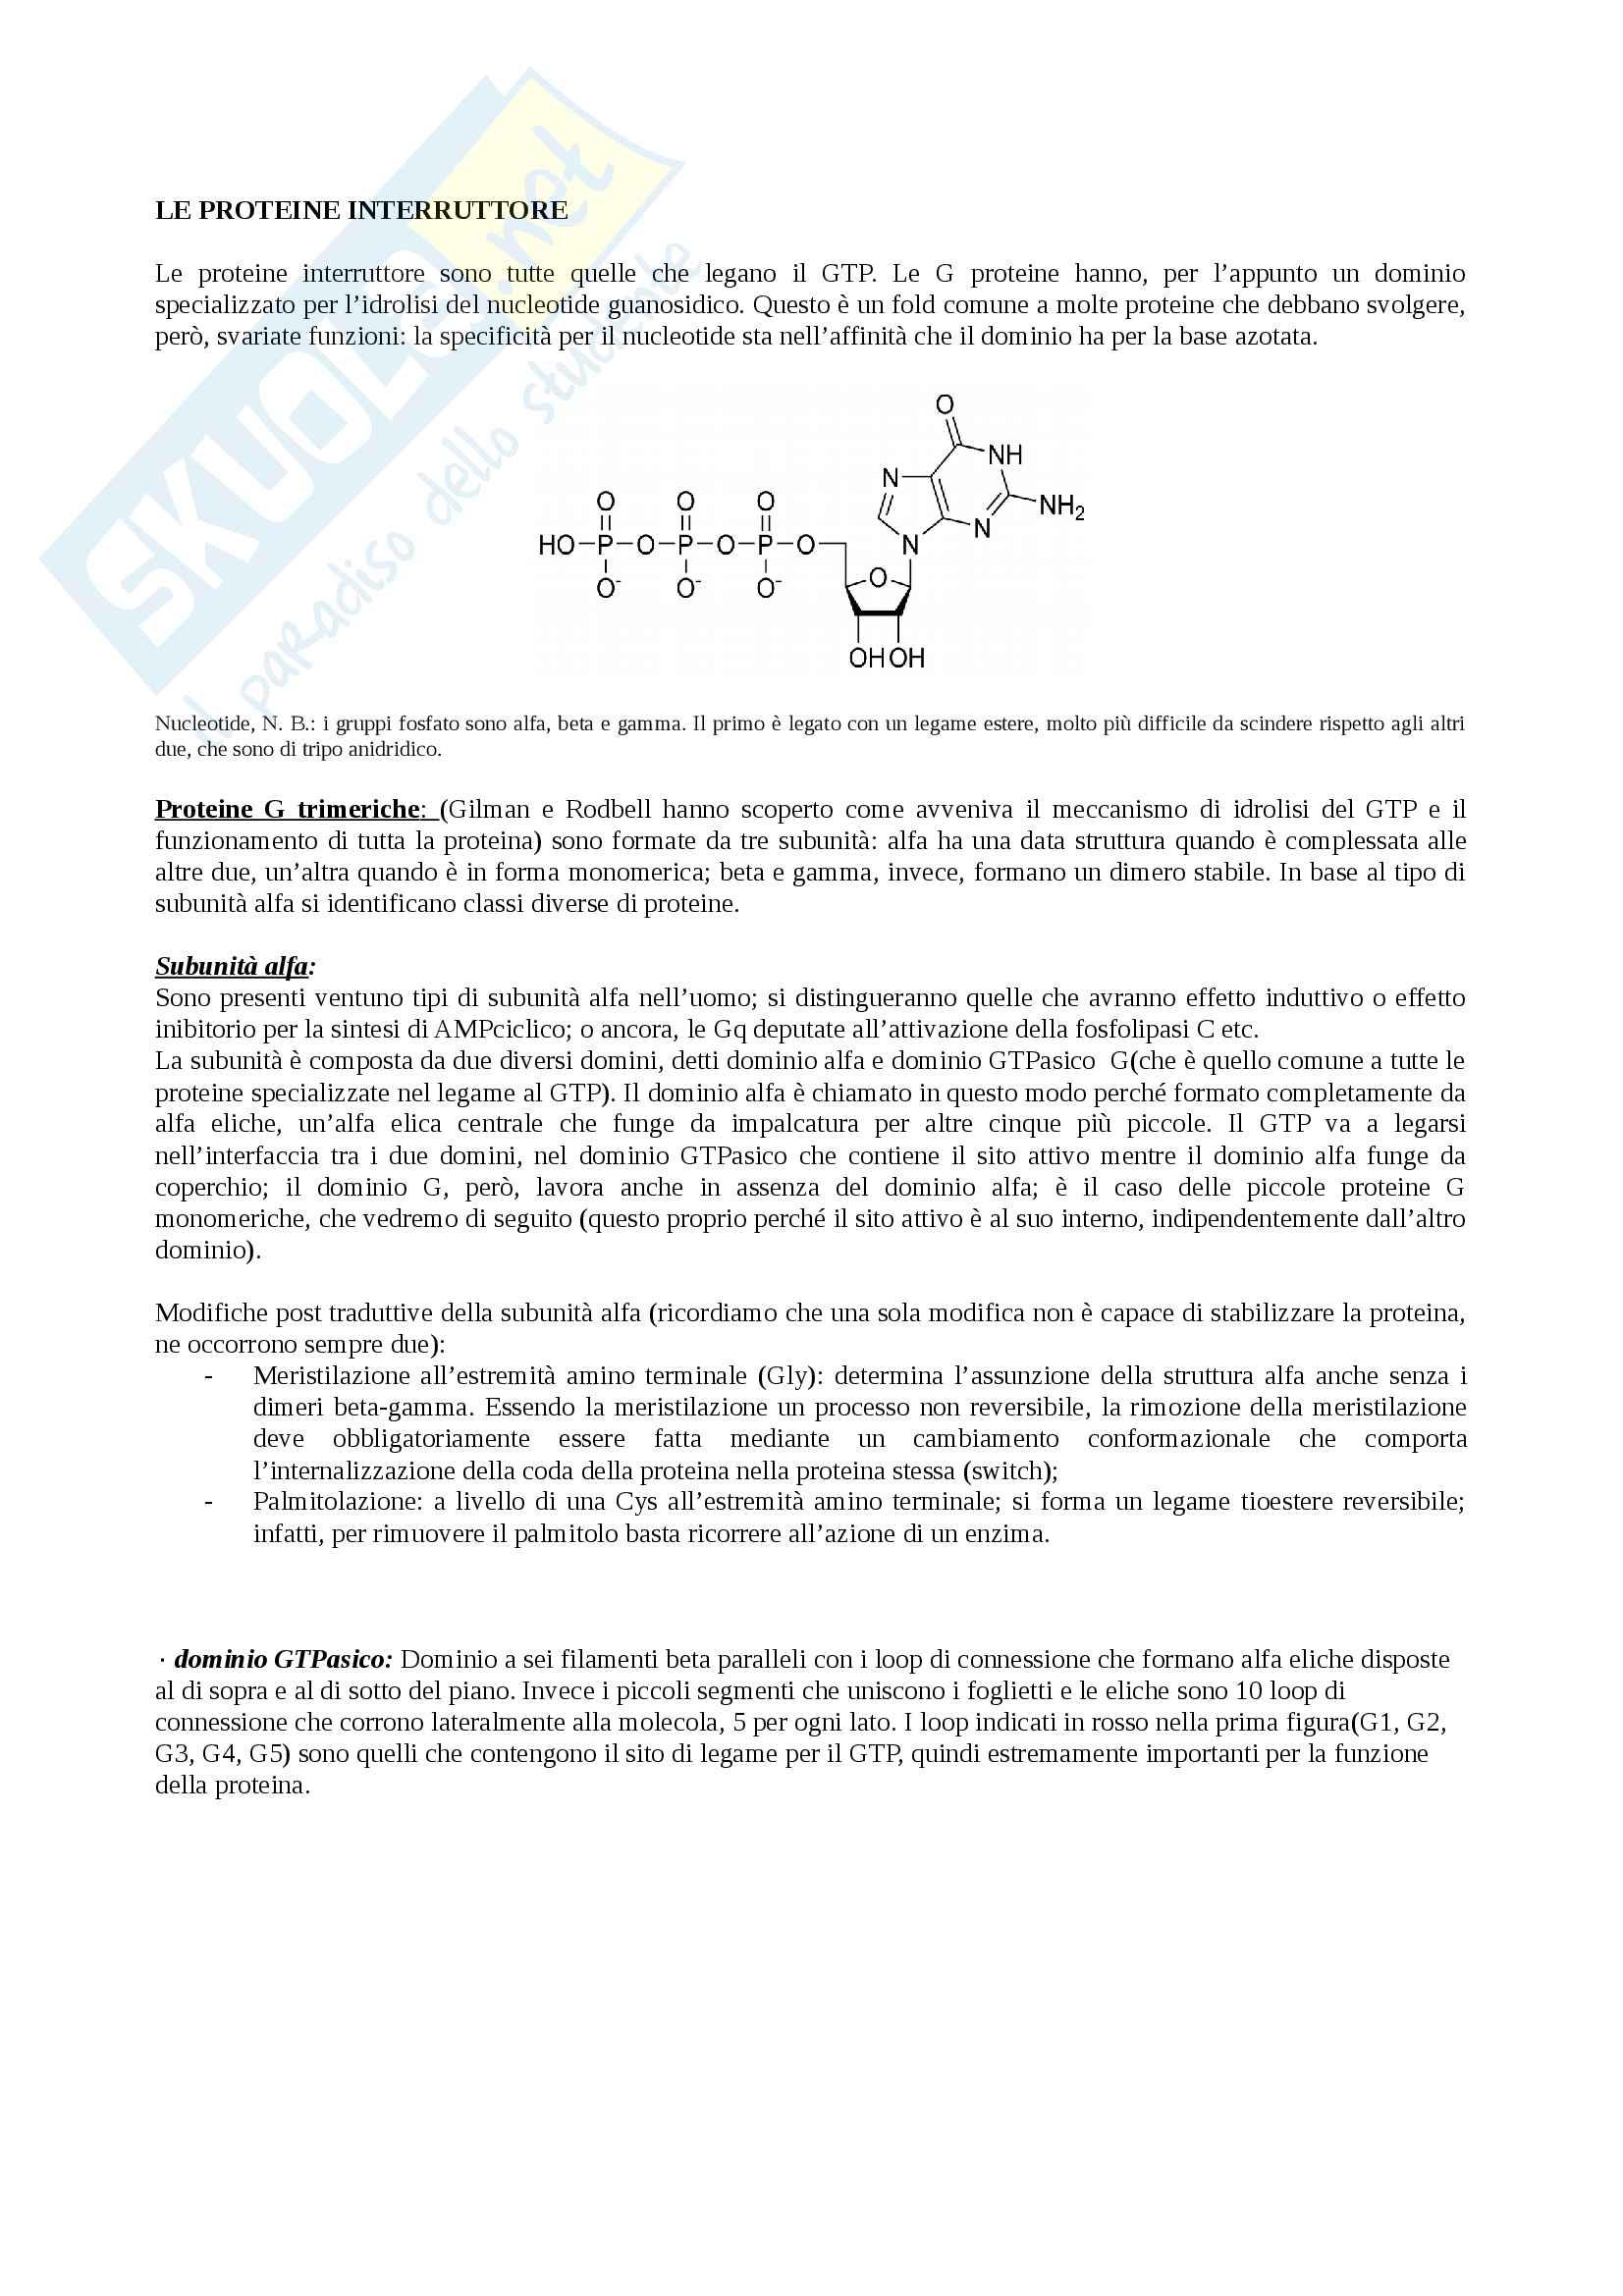 Struttura e funzione delle proteine G